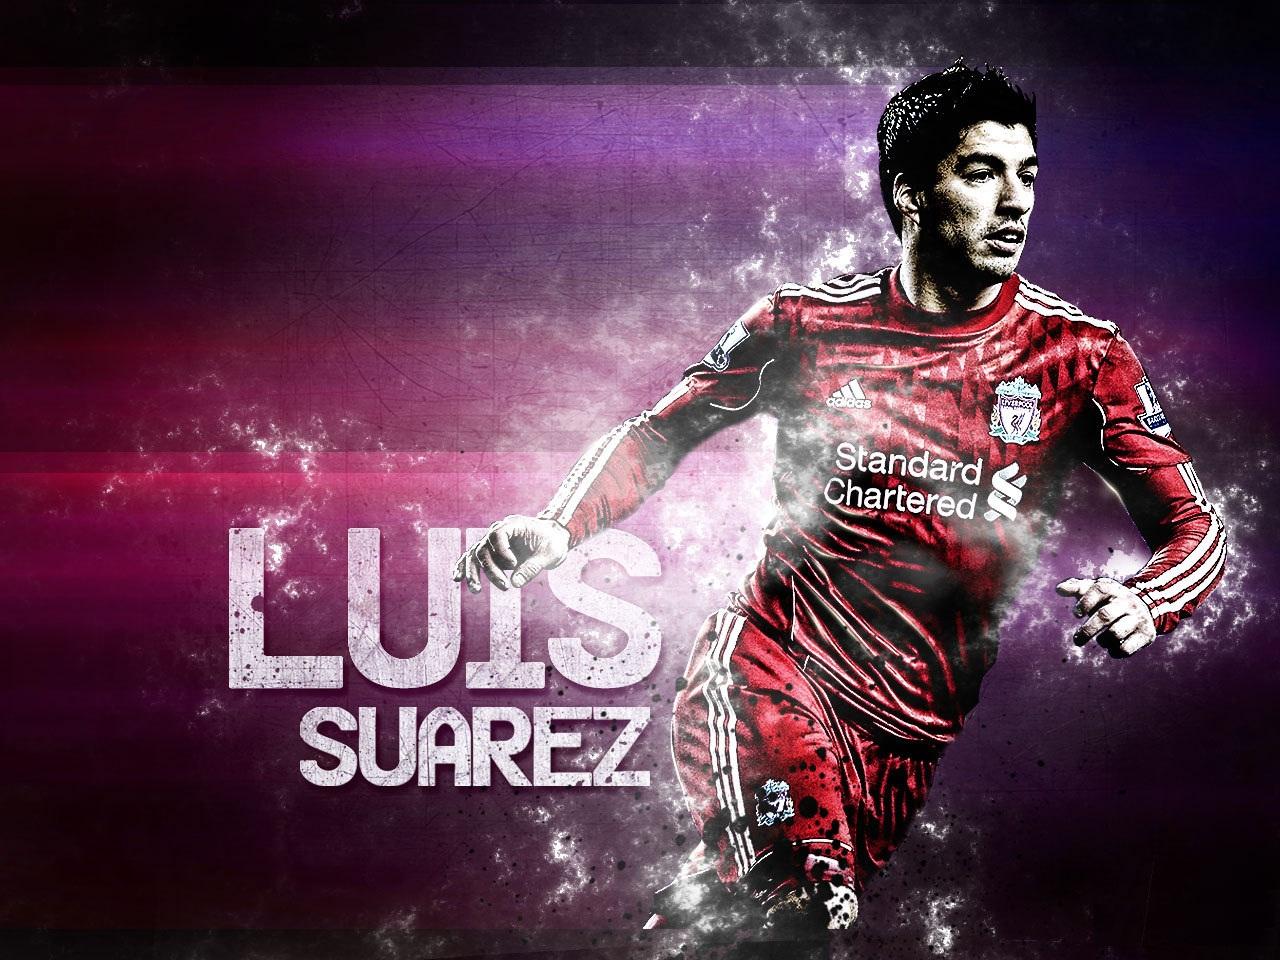 Luis Surez Footballer Wallpaper   Football HD Wallpapers 1280x960